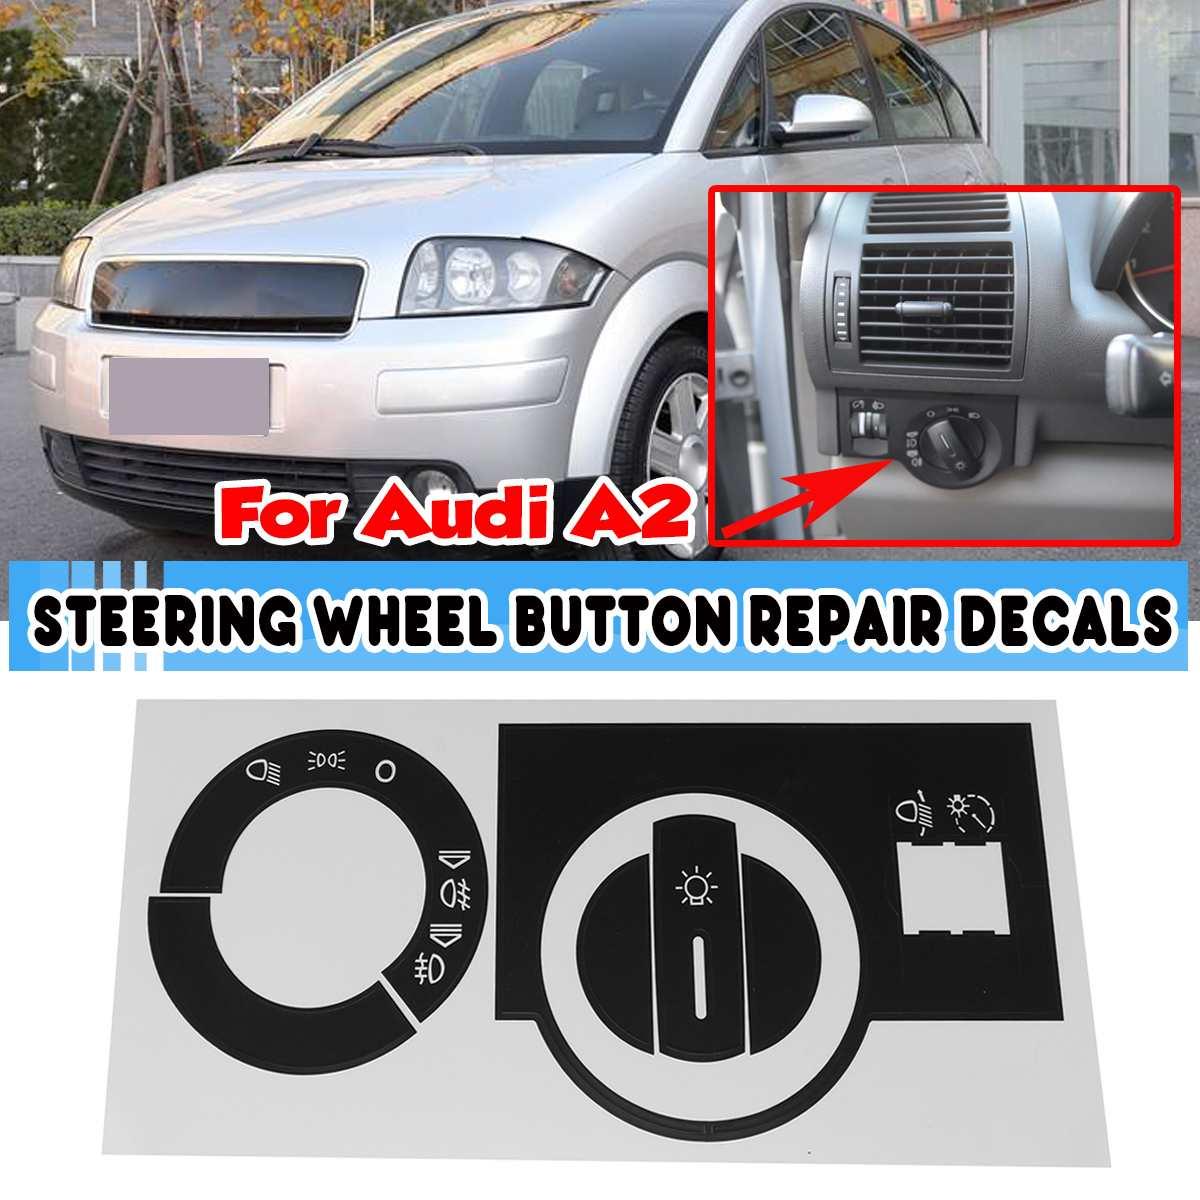 Черная наклейка на переключатель передней фары автомобиля, наклейки для ремонта Audi A2, наклейка для ремонта, уродливая кнопка, наклейка для а...